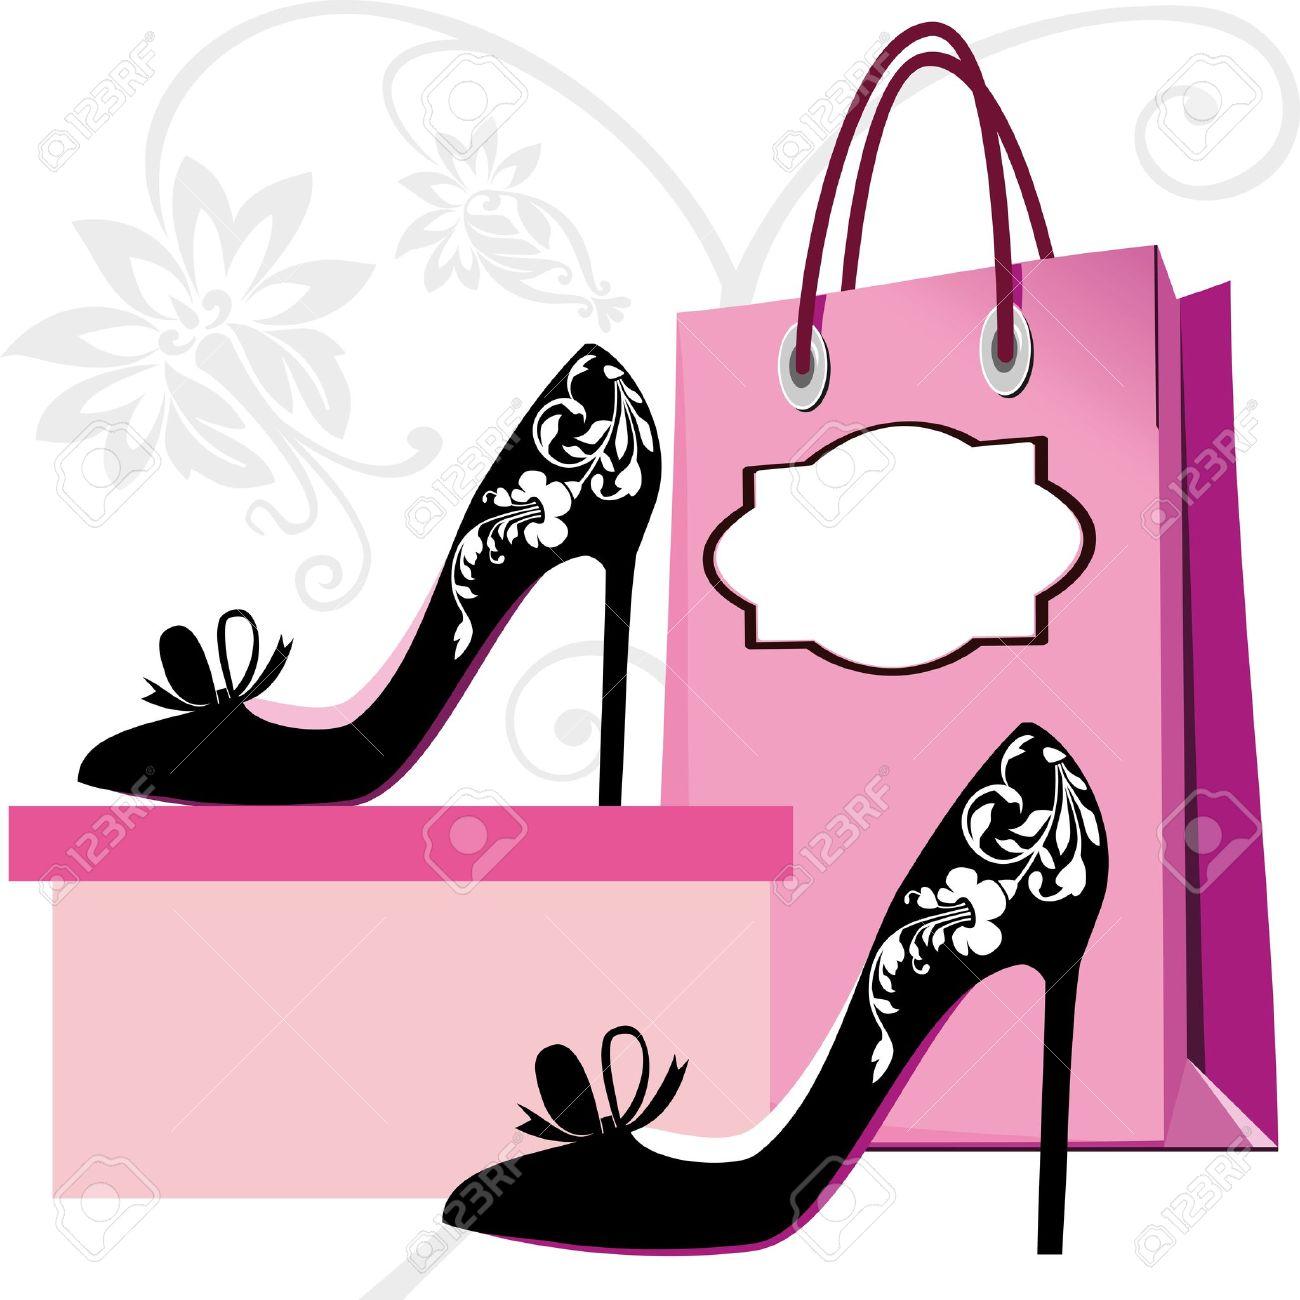 Buying SAS Shoes. woman shoe shopping